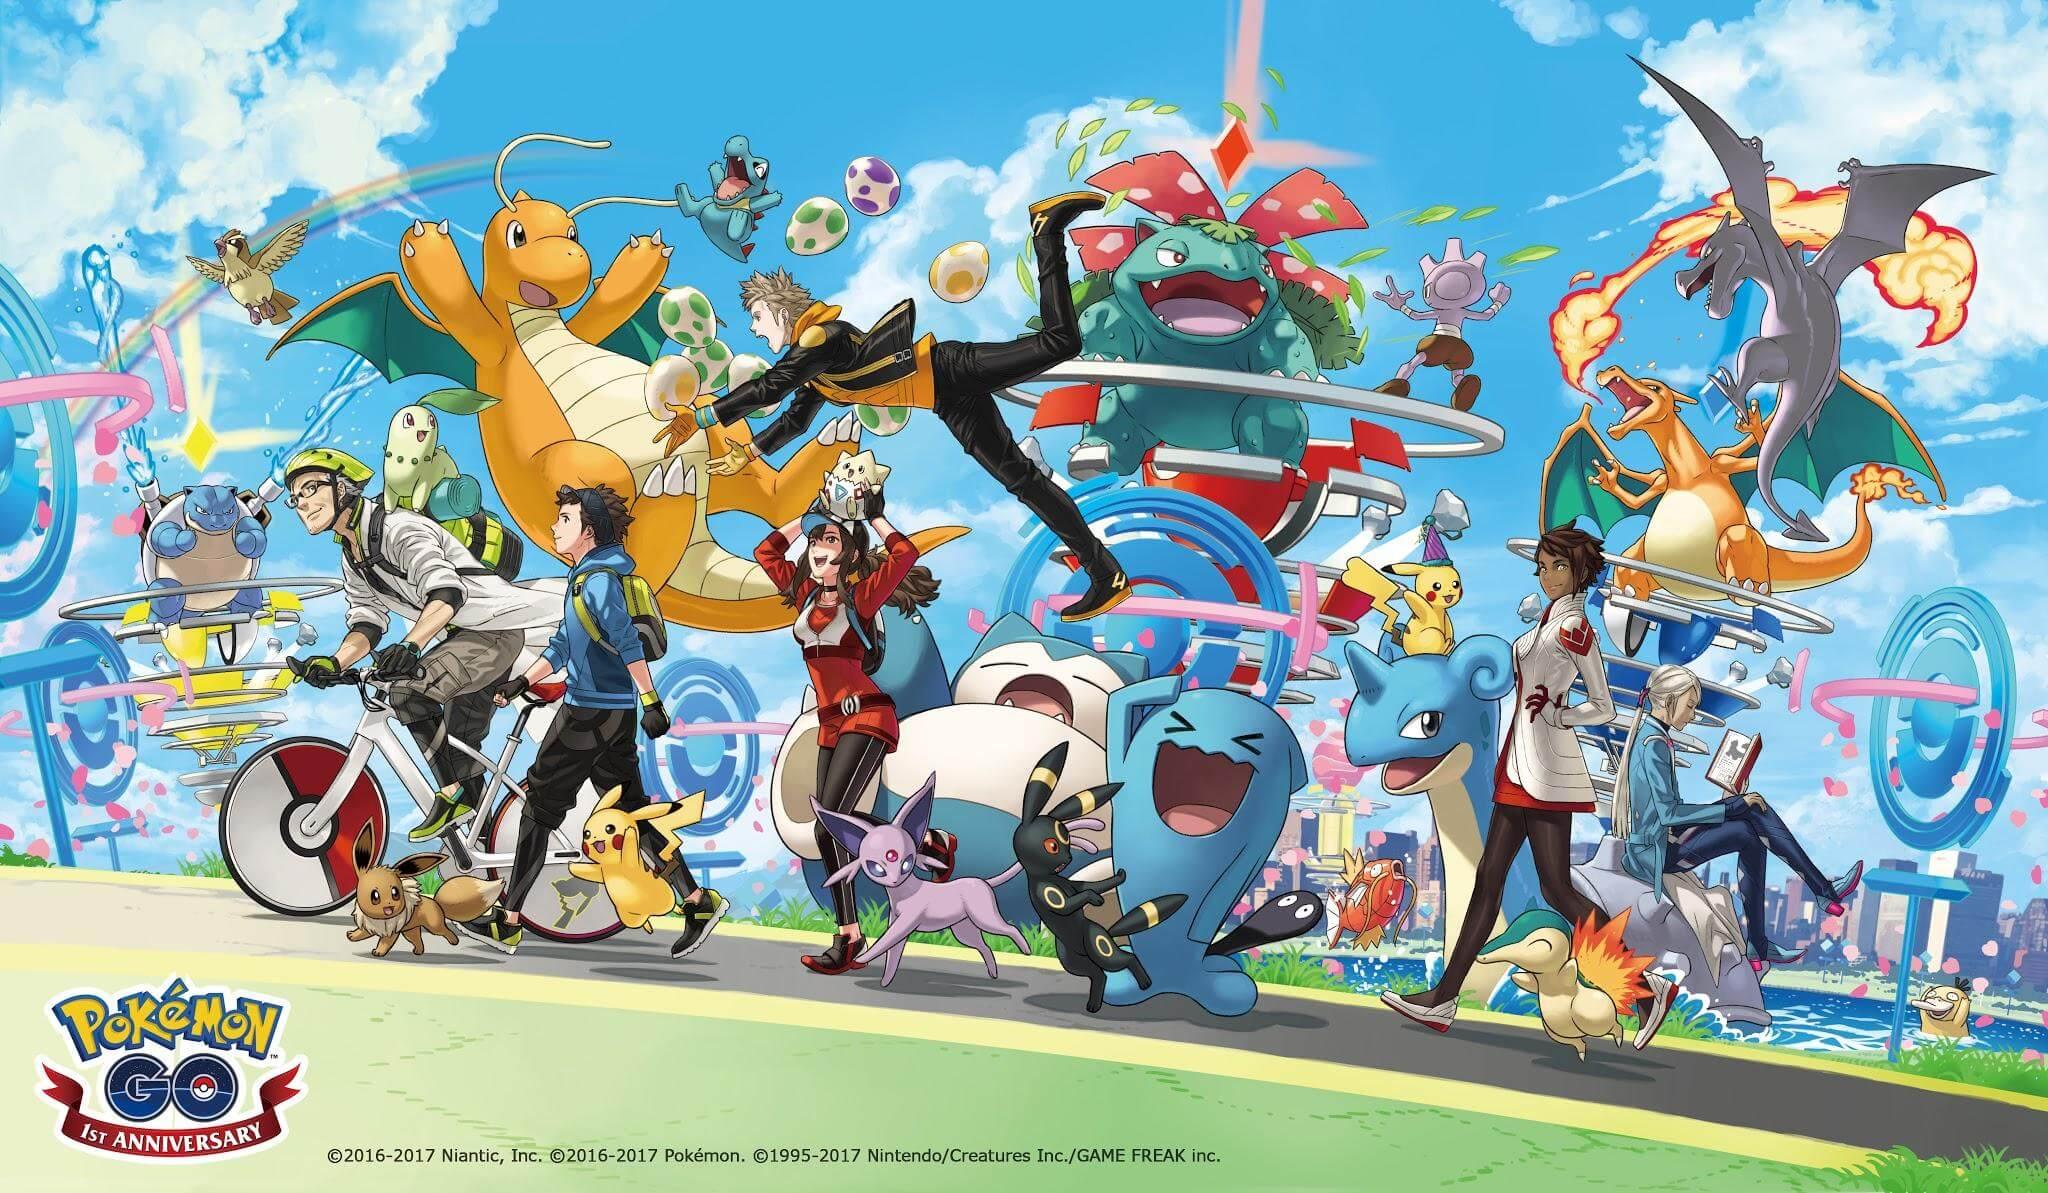 Pokémon GO comemora seu primeiro aniversário com novo evento